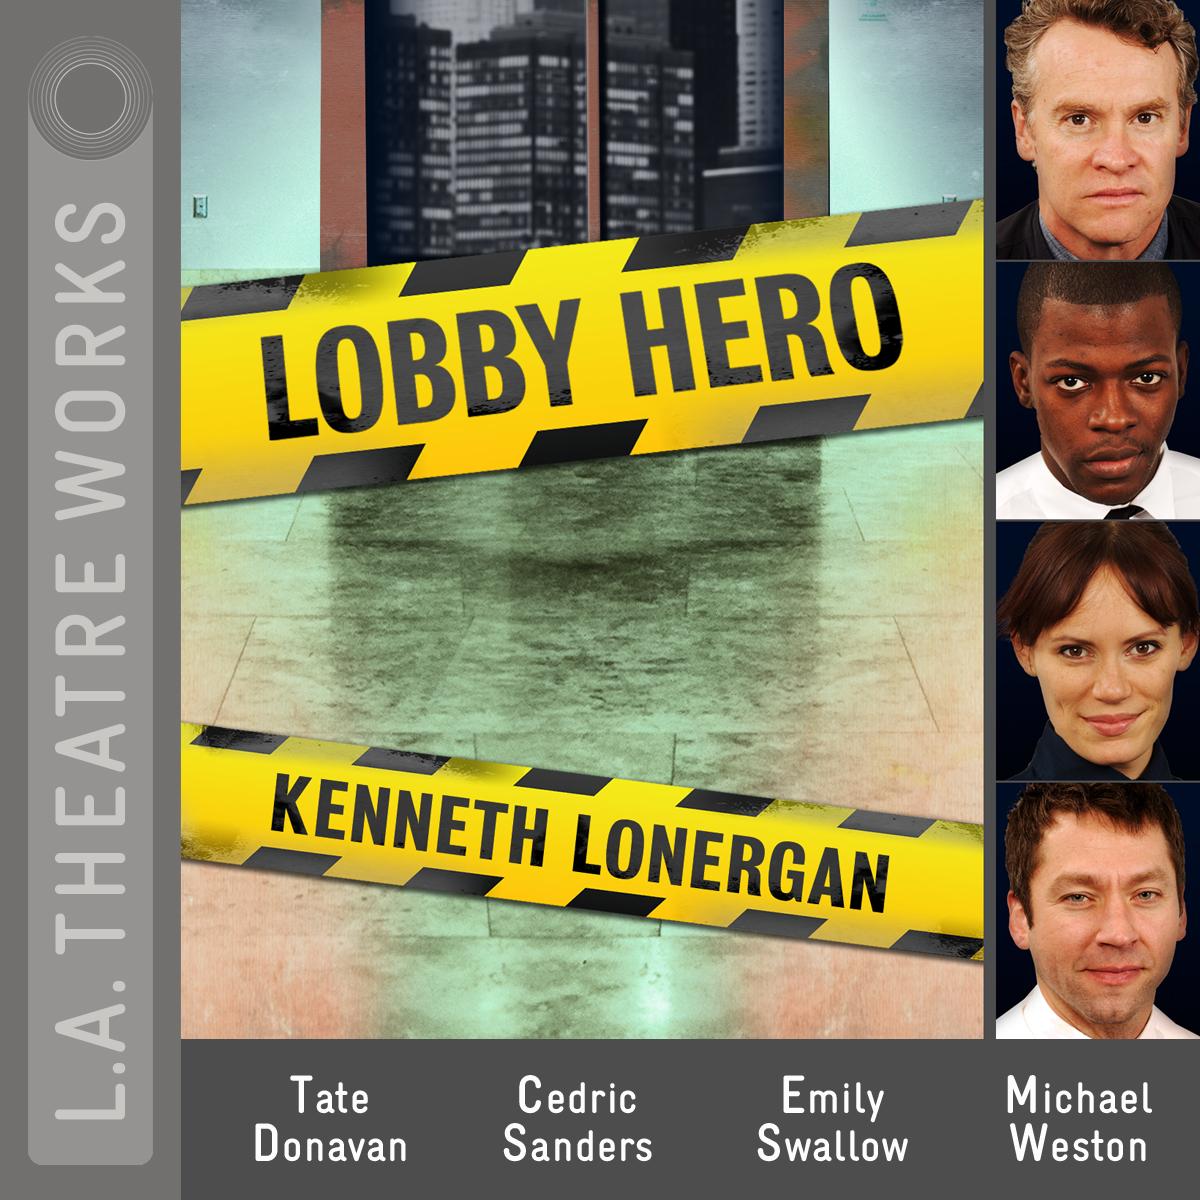 Lobby_hero_small